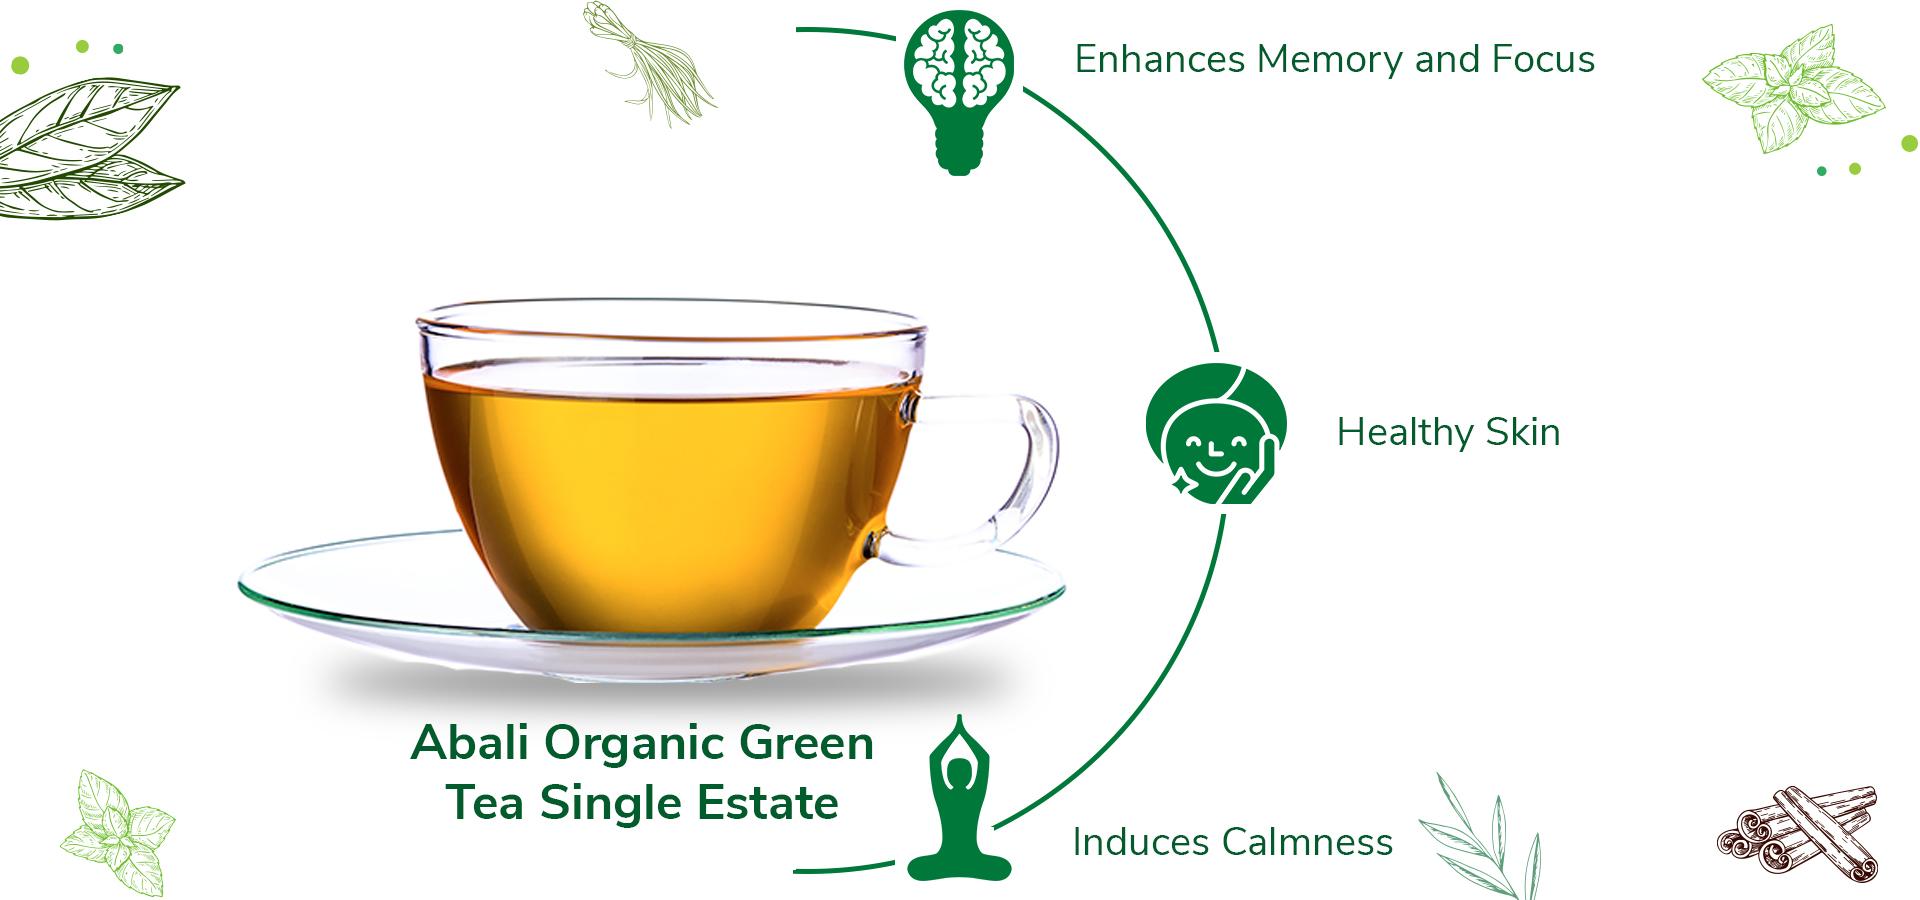 Abali Organic Green Tea